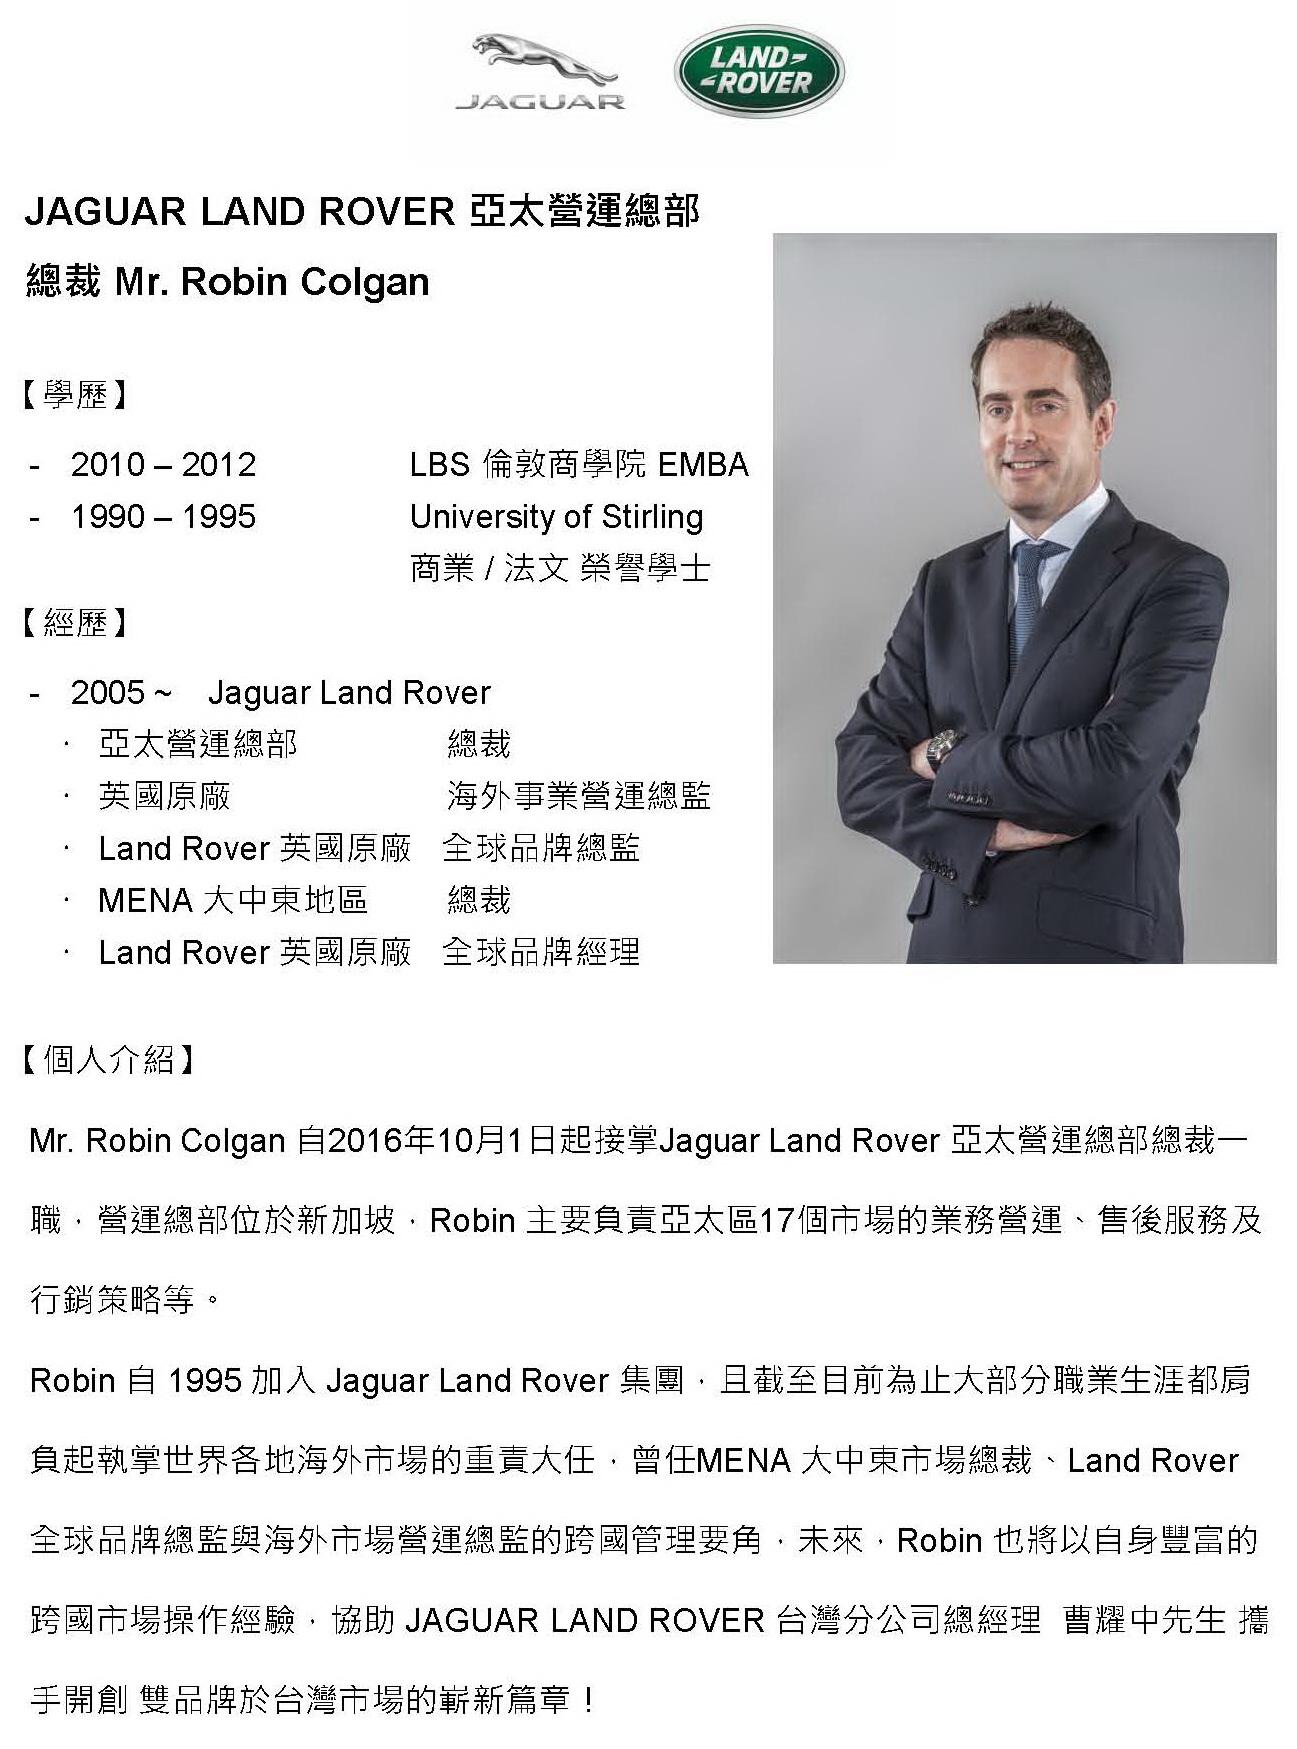 【JAGUAR LAND ROVER TAIWAN 媒體資料】亞太營運總部總裁 Mr. Robin Colgan 簡介